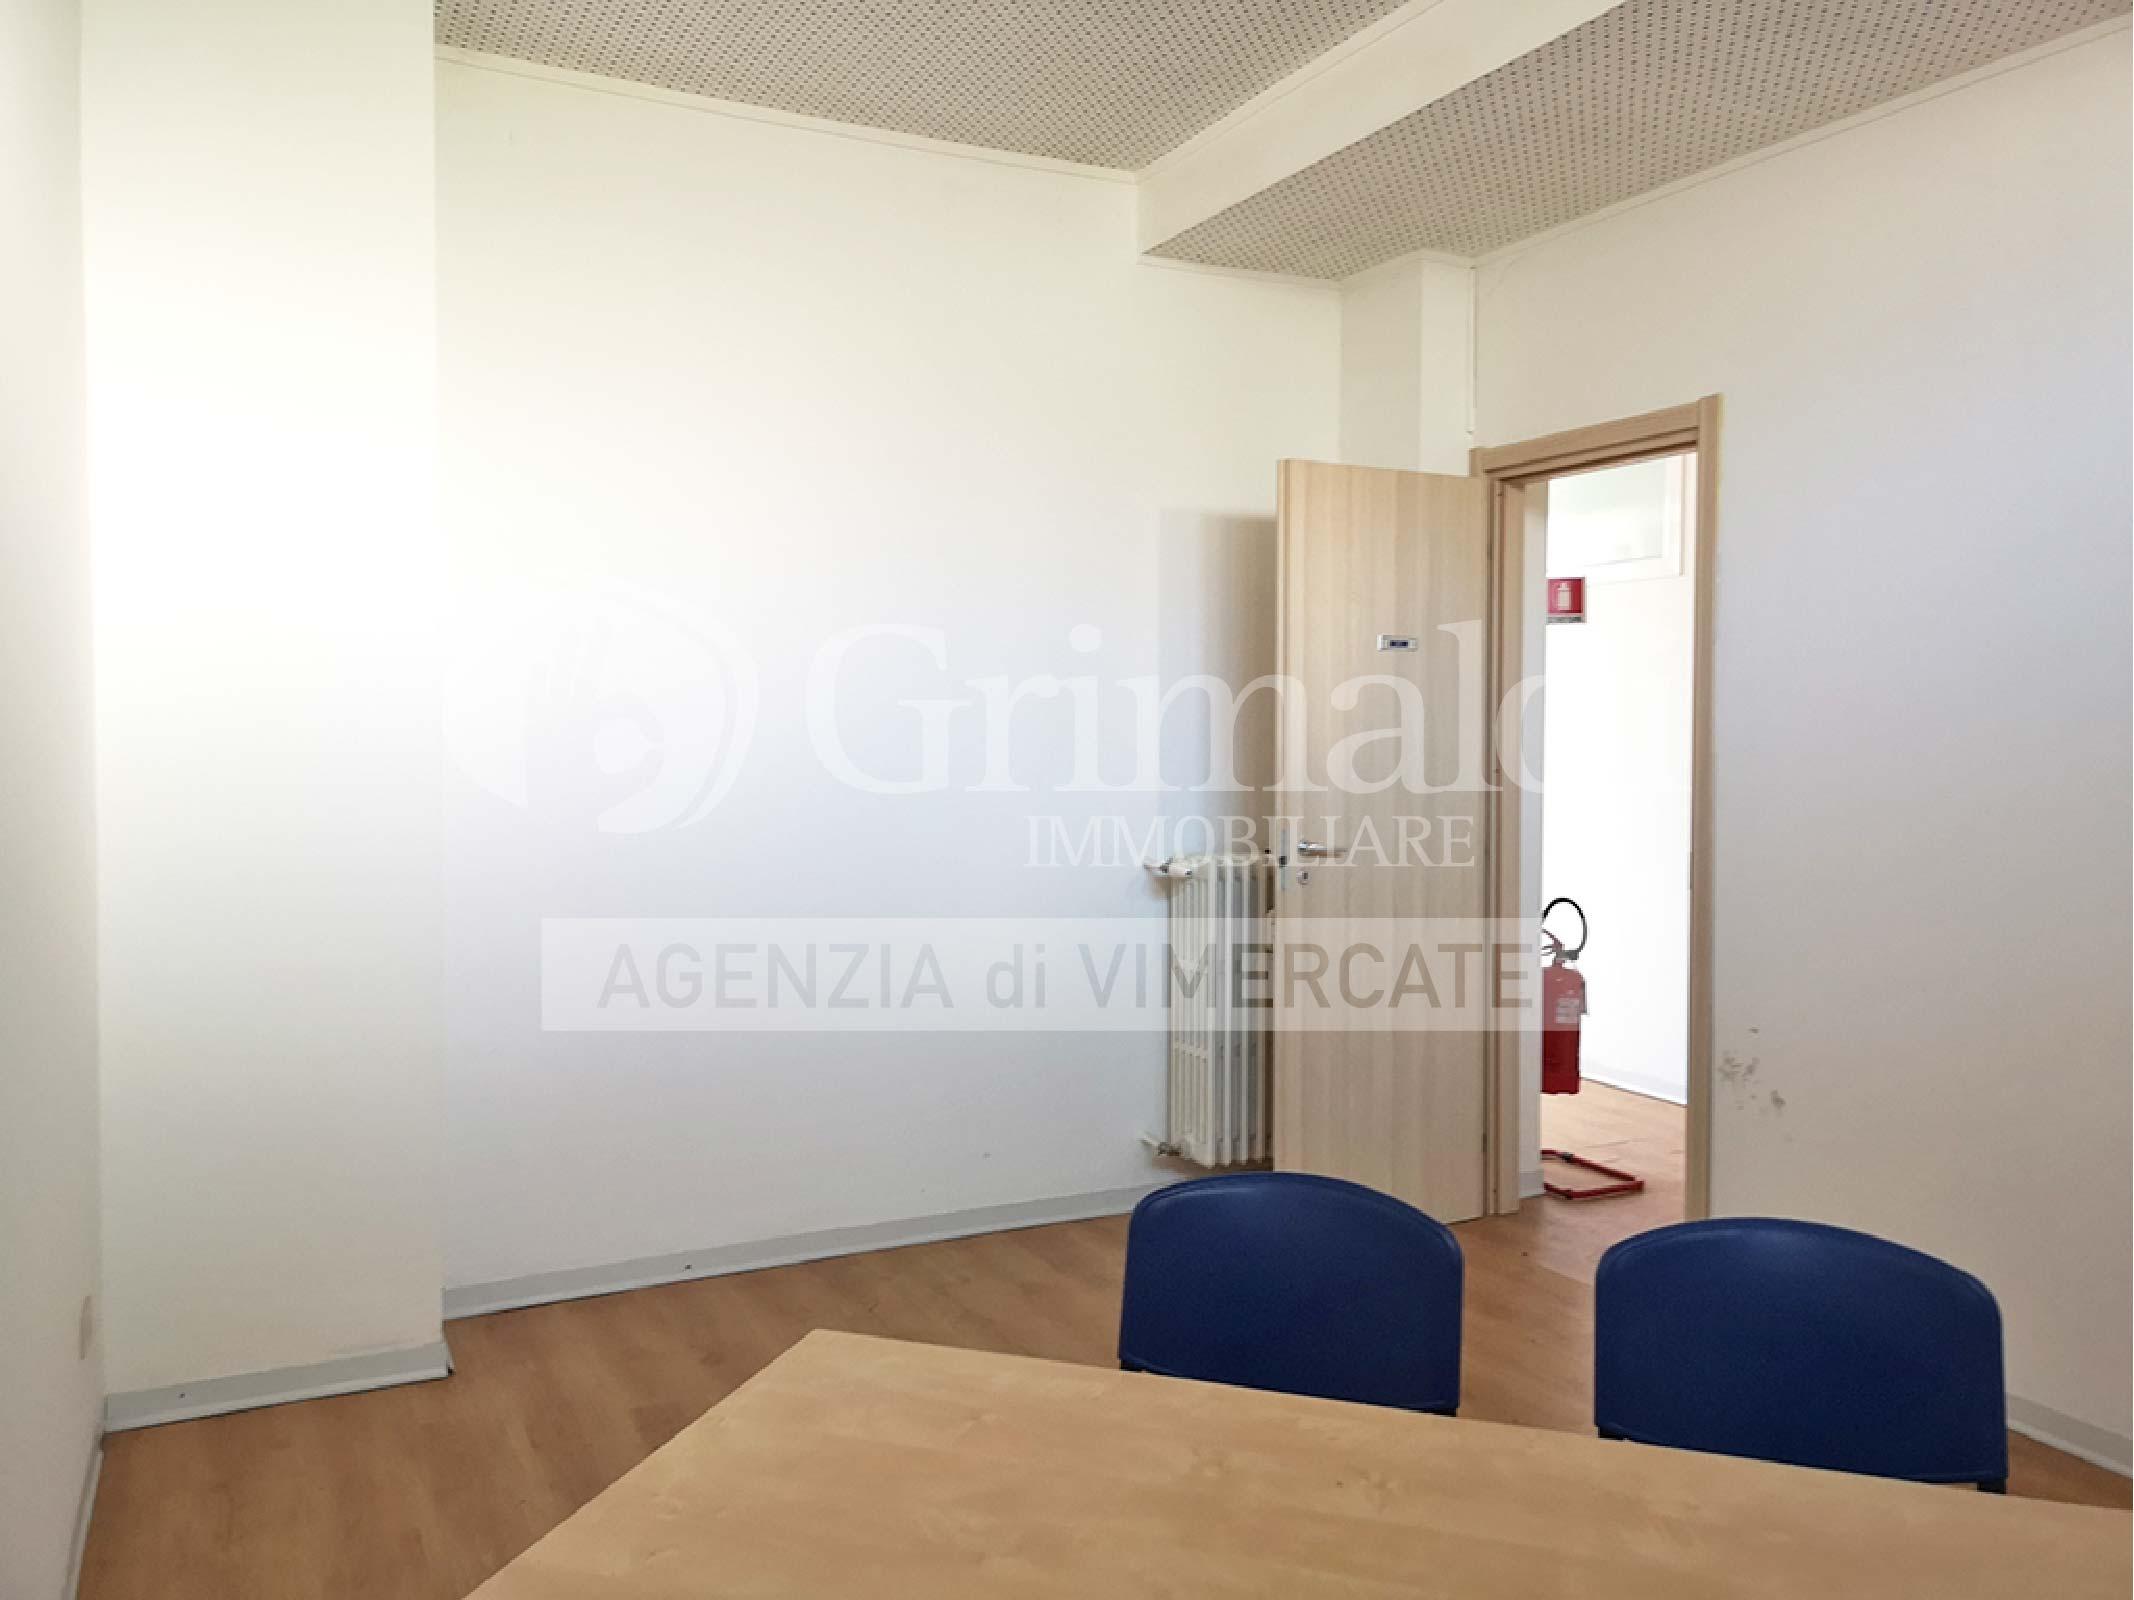 ufficio-vendita-vimercate-grimaldi-08